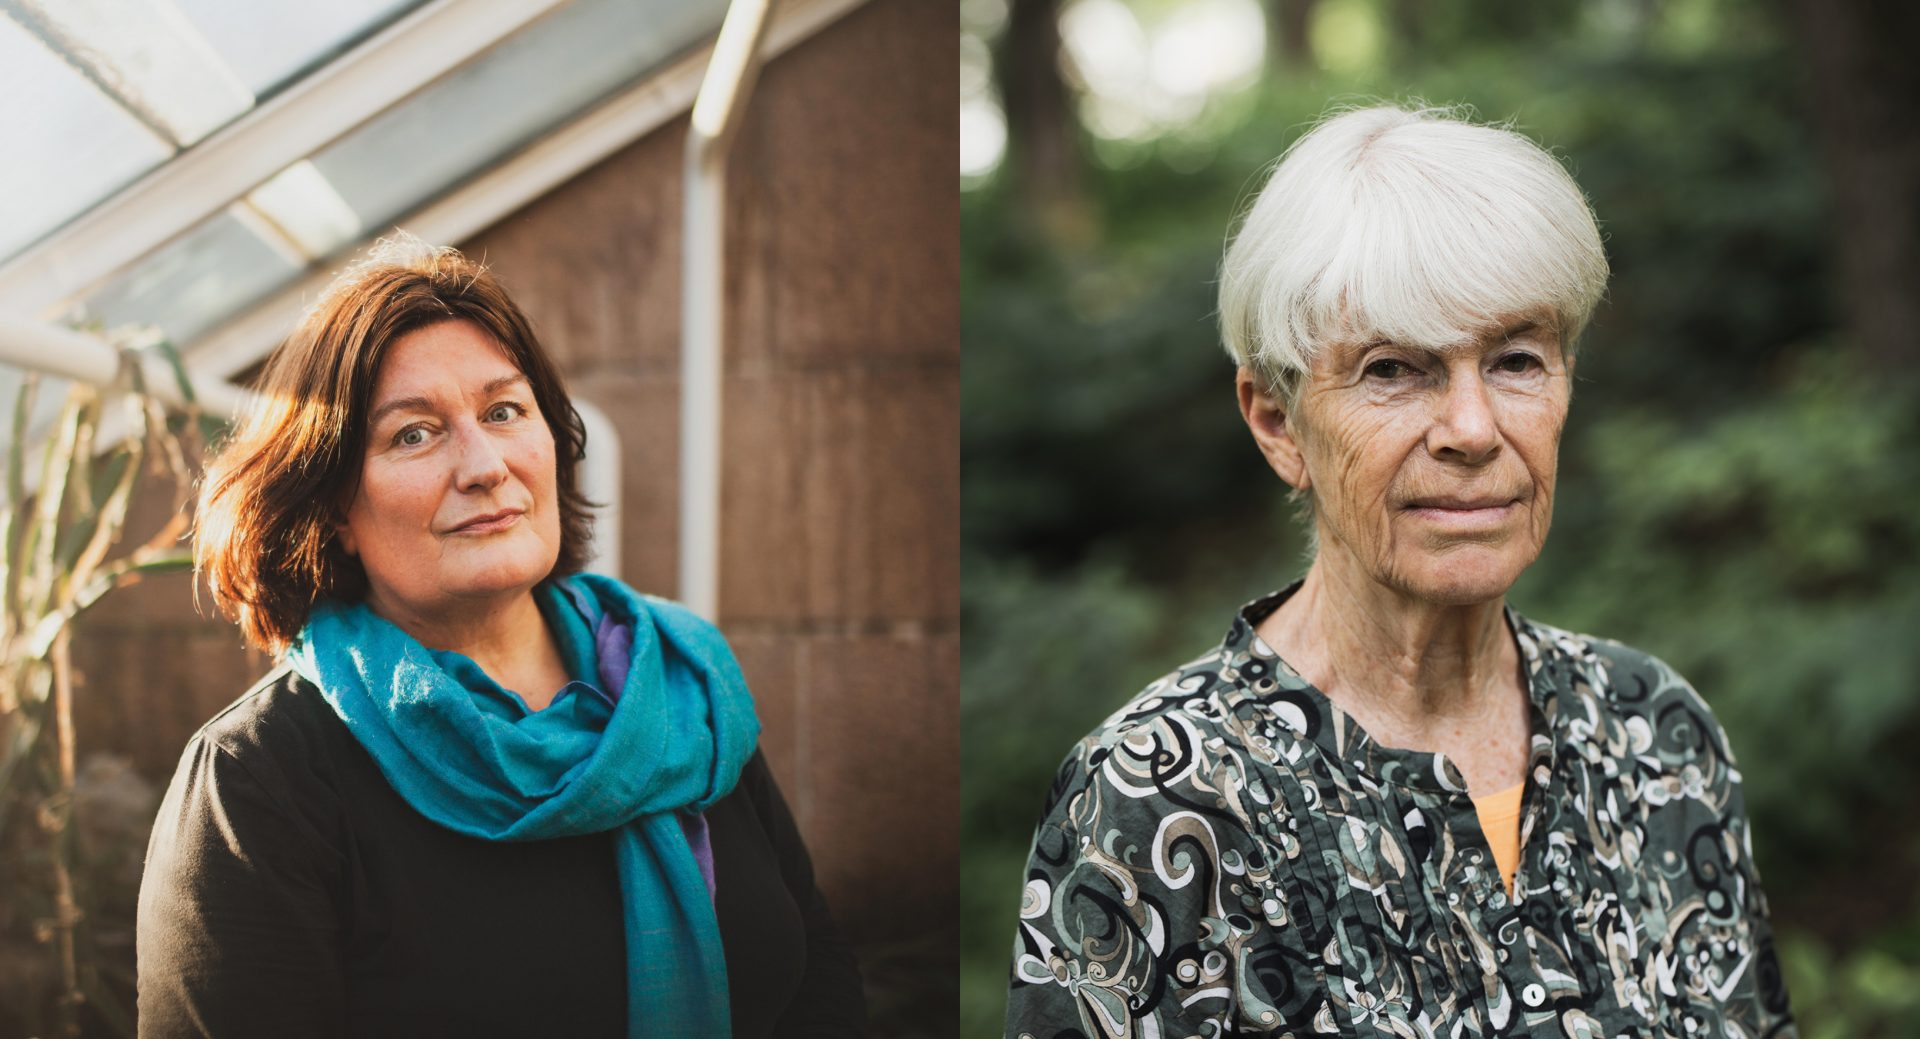 Forfattersamtale: Norsk Forfattersentrum Sørlandet